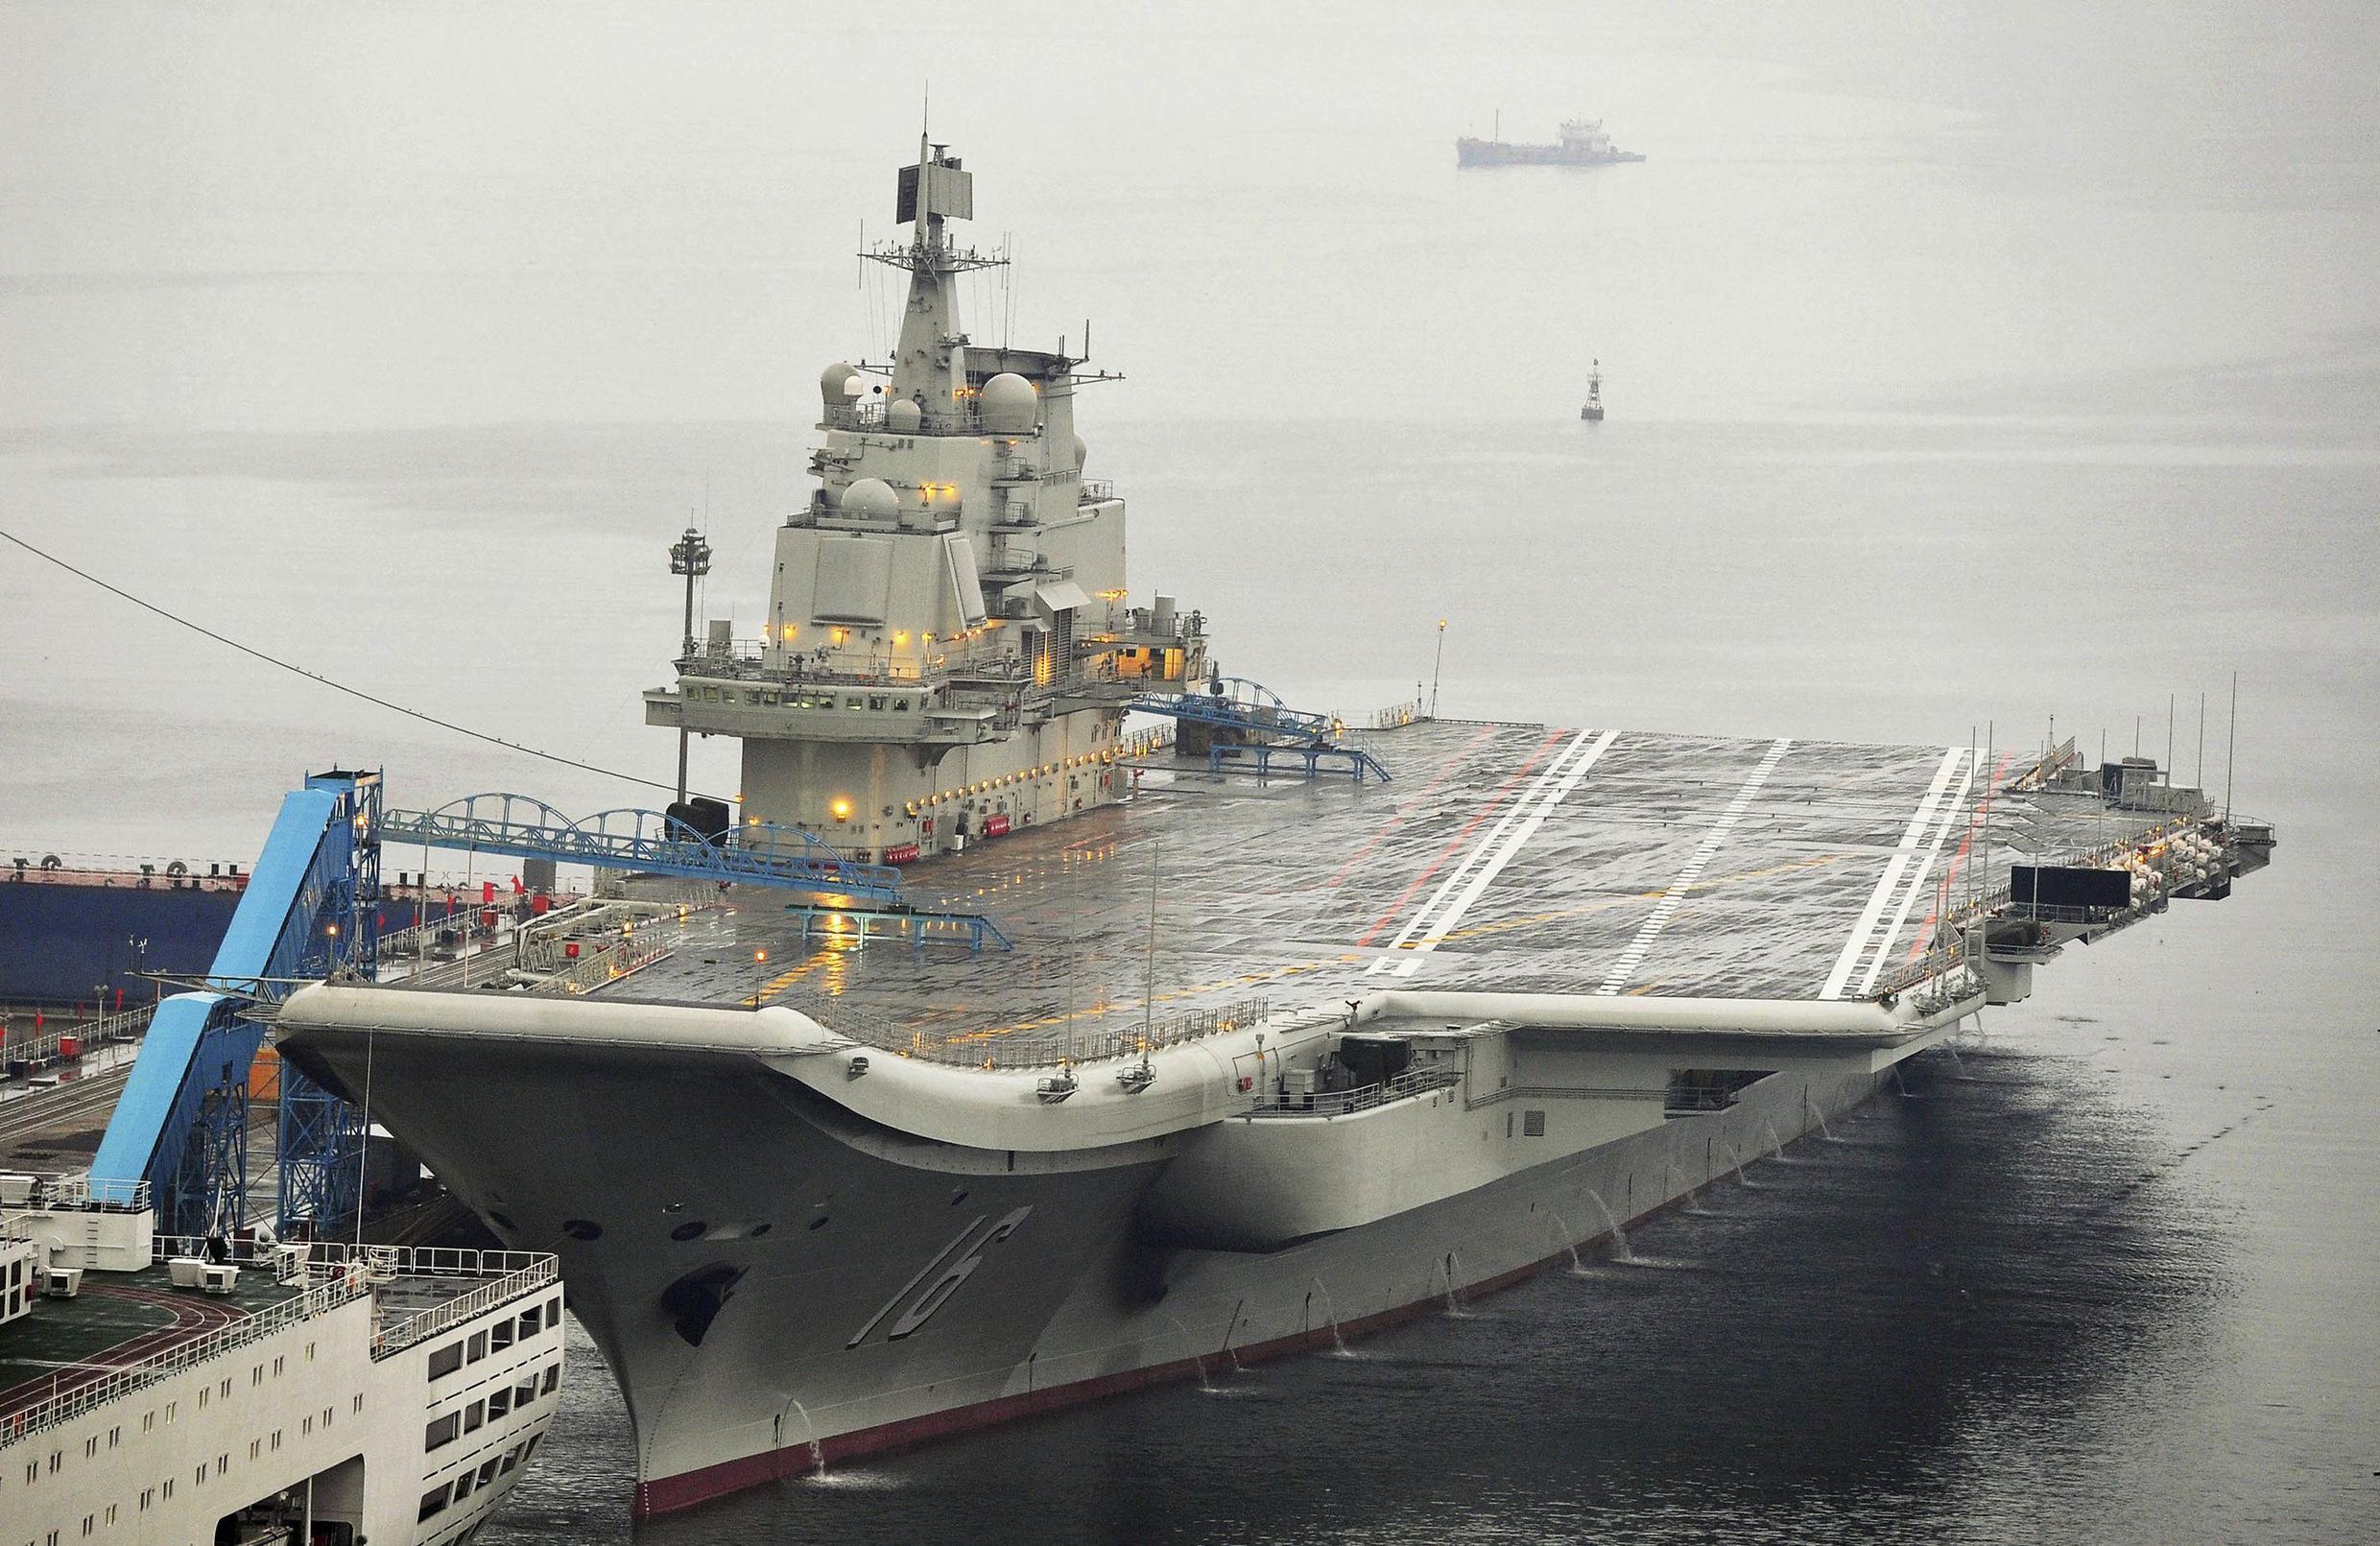 Chiếc tàu sân bay đầu tiên của Trung Quốc mang tên Liêu Ninh đã chính thức được đưa vào sử dụng ngày 25/9/2012.